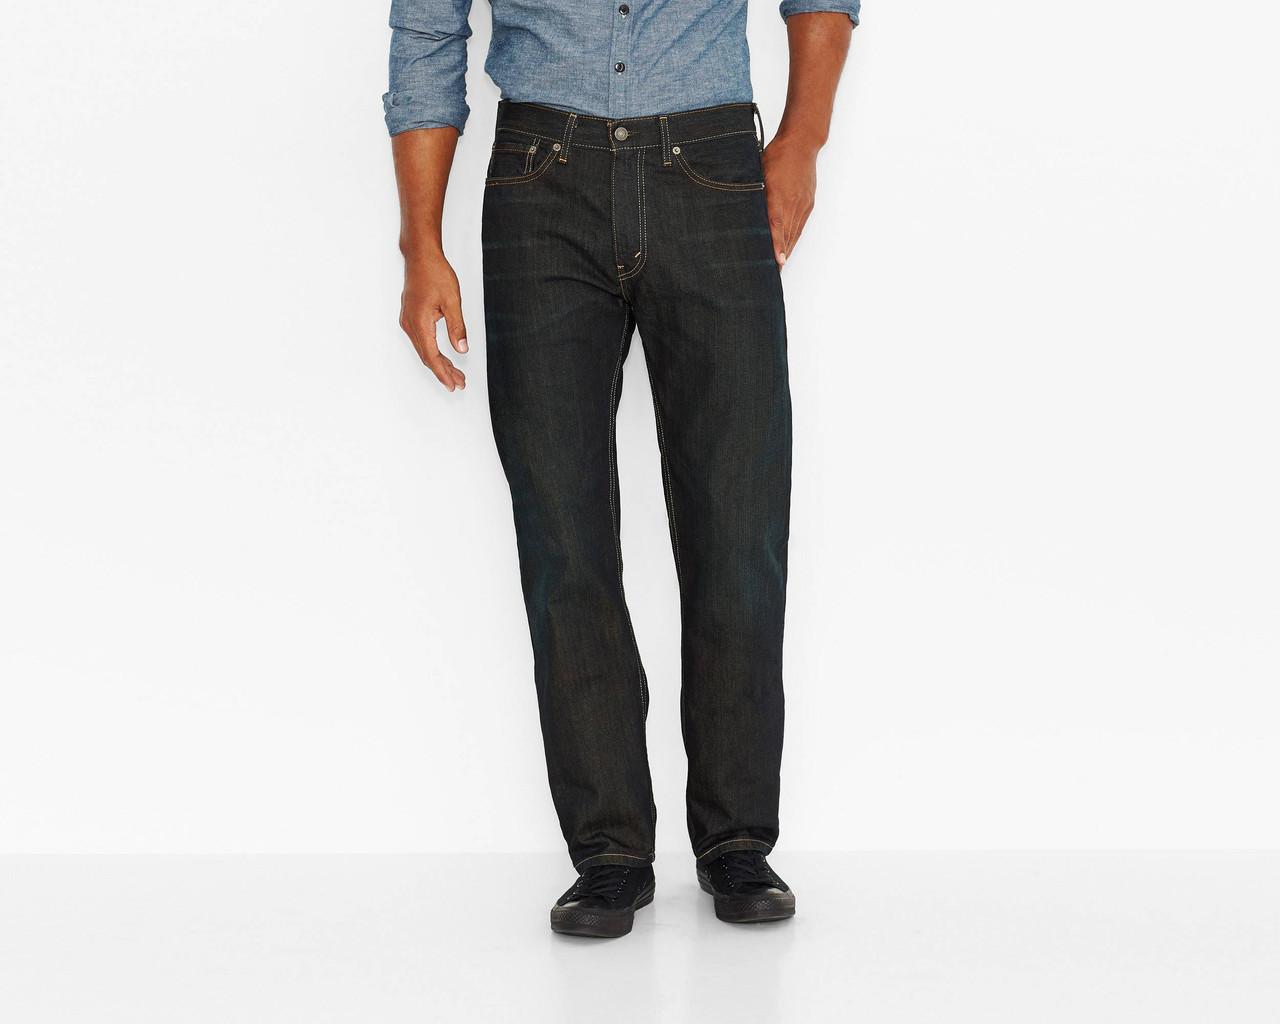 Джинсы Levi's 505 Regular Fit, Fume, 40W30L, 005050550